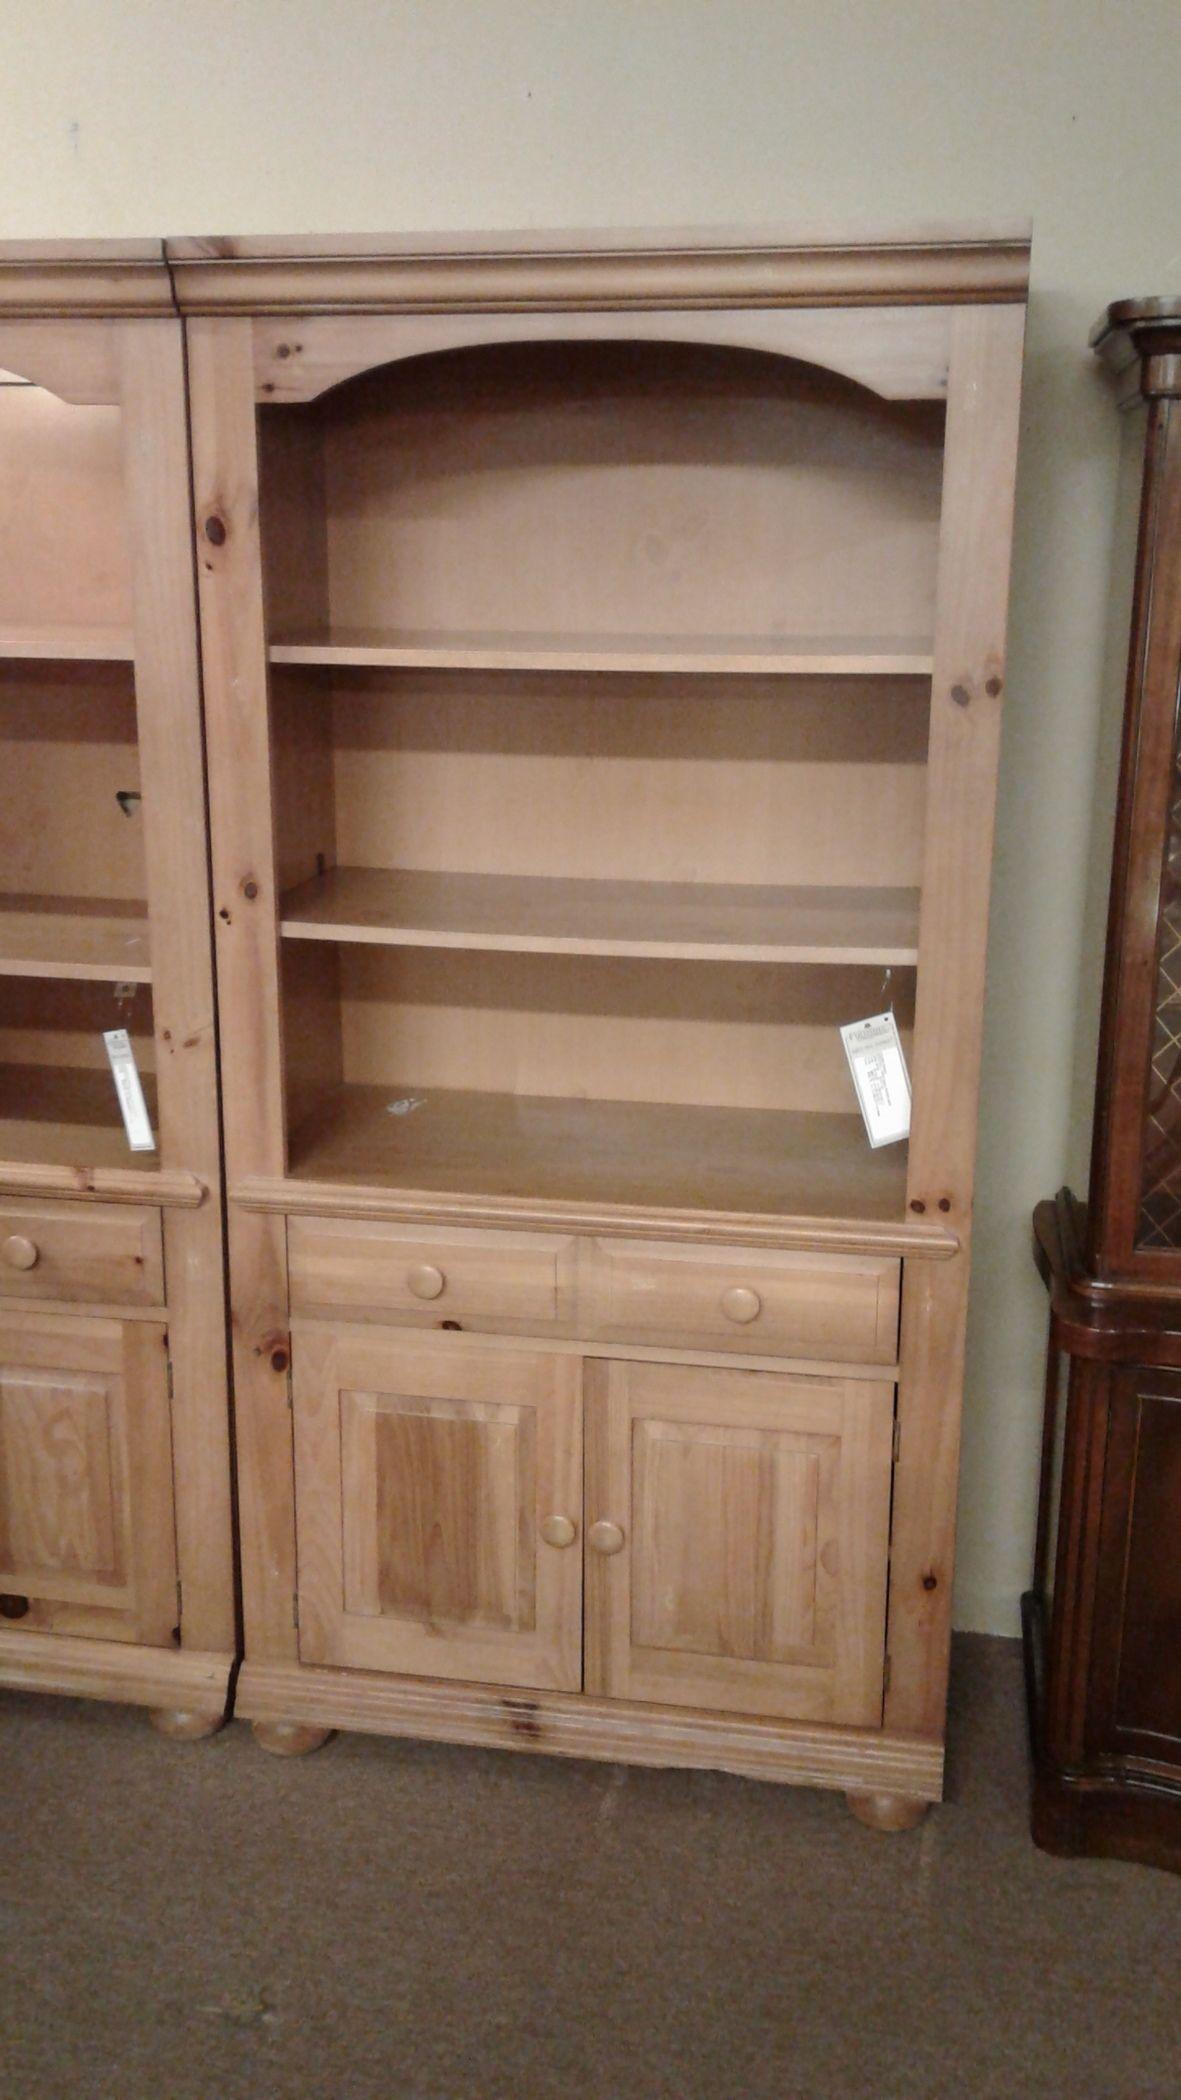 Broyhill Fontana Bookcase Delmarva Furniture Consignment